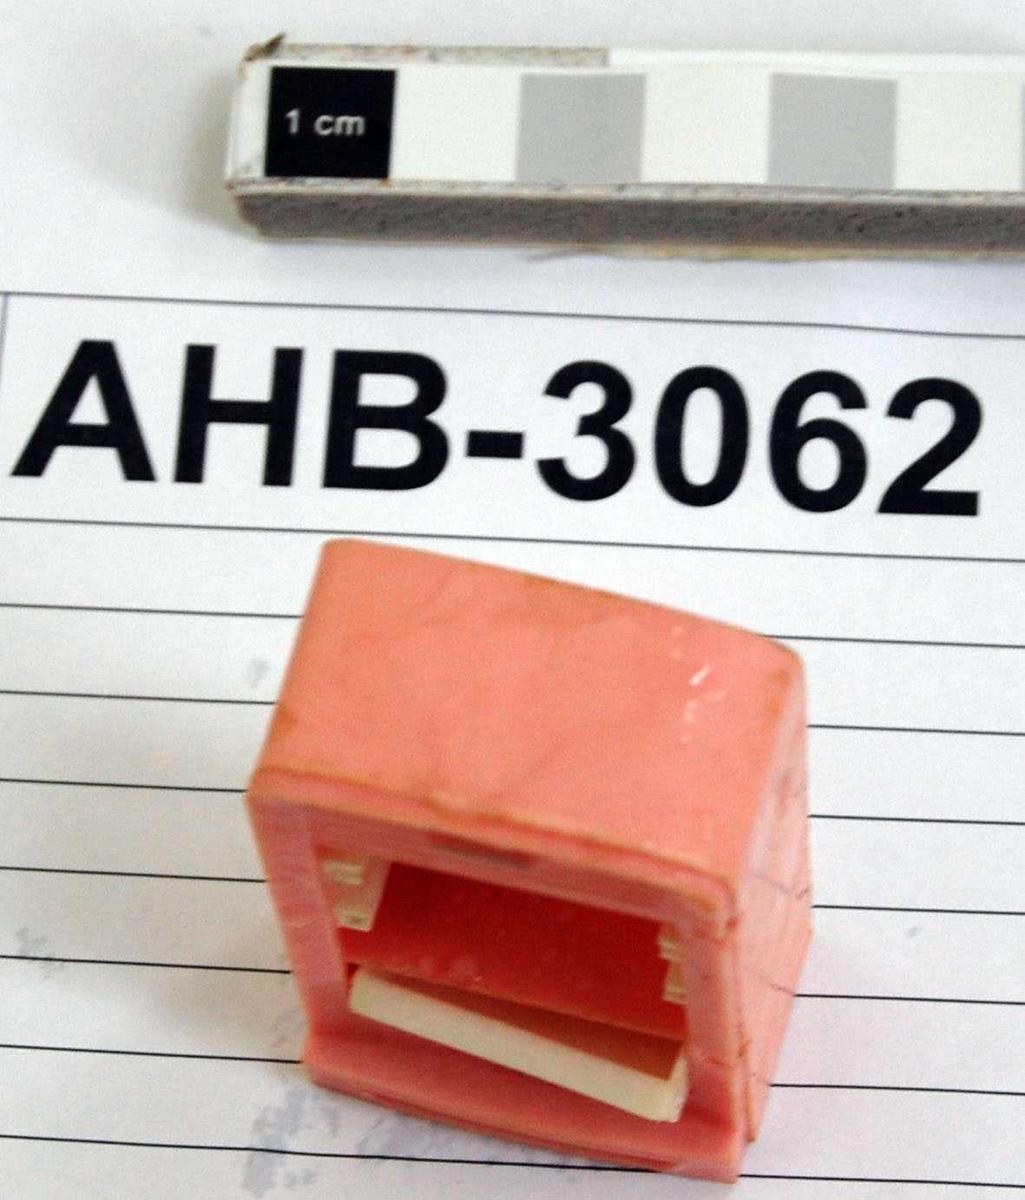 Dukkekjøleskap i rosa plast med hvit innredning. Originalt 2 hyller og grønnsakskuff. Døra og en hylle mangler